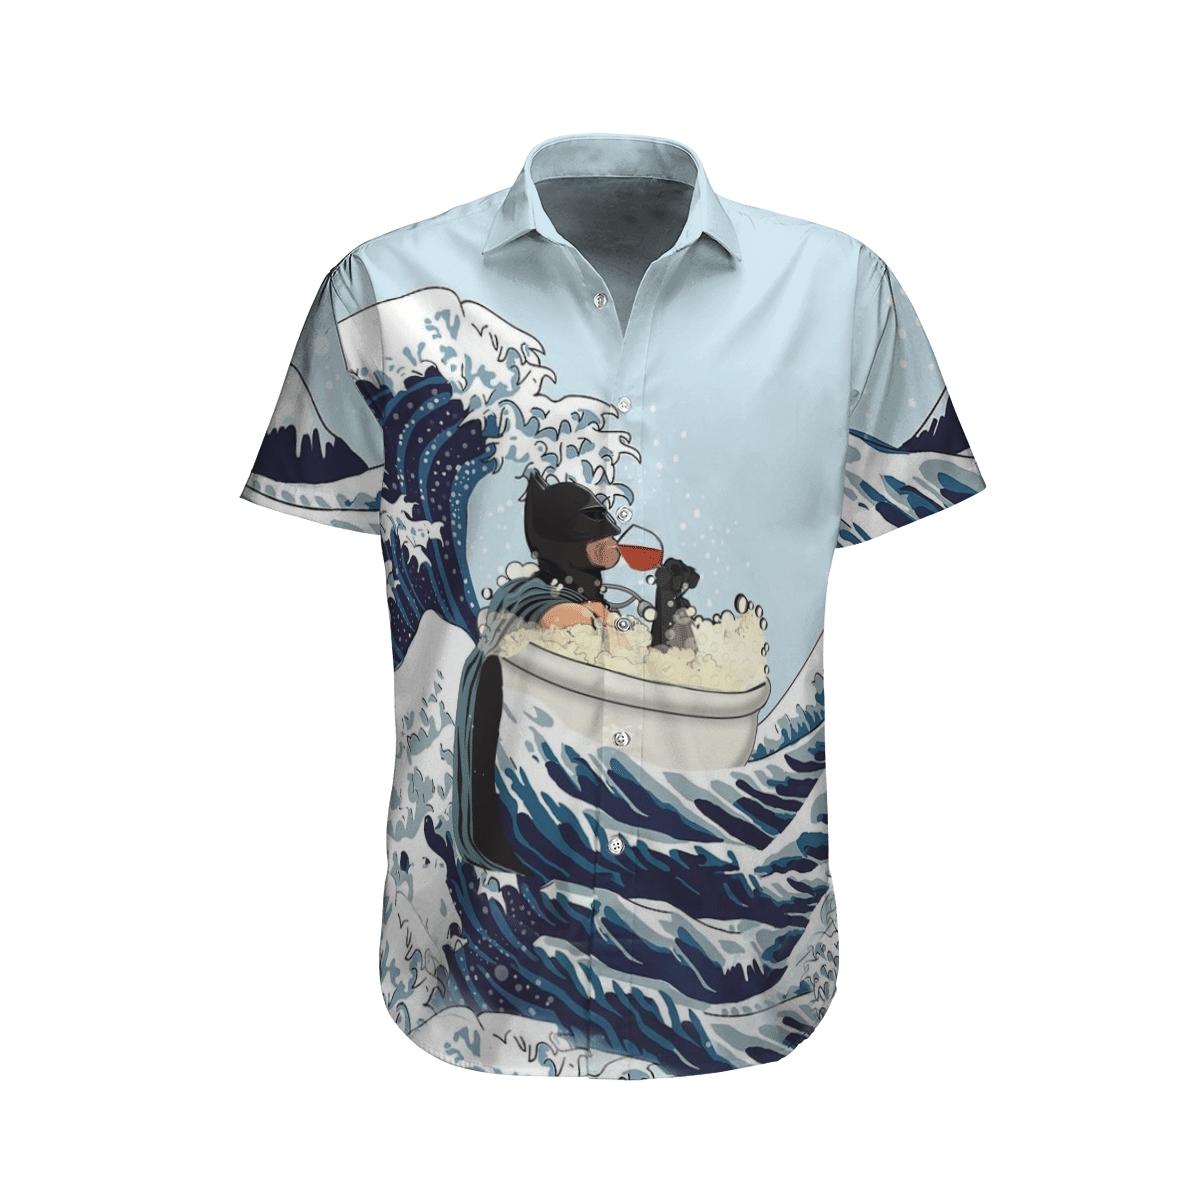 Batman bathtub and drinking Hawaiian Shirt Summer Shirt